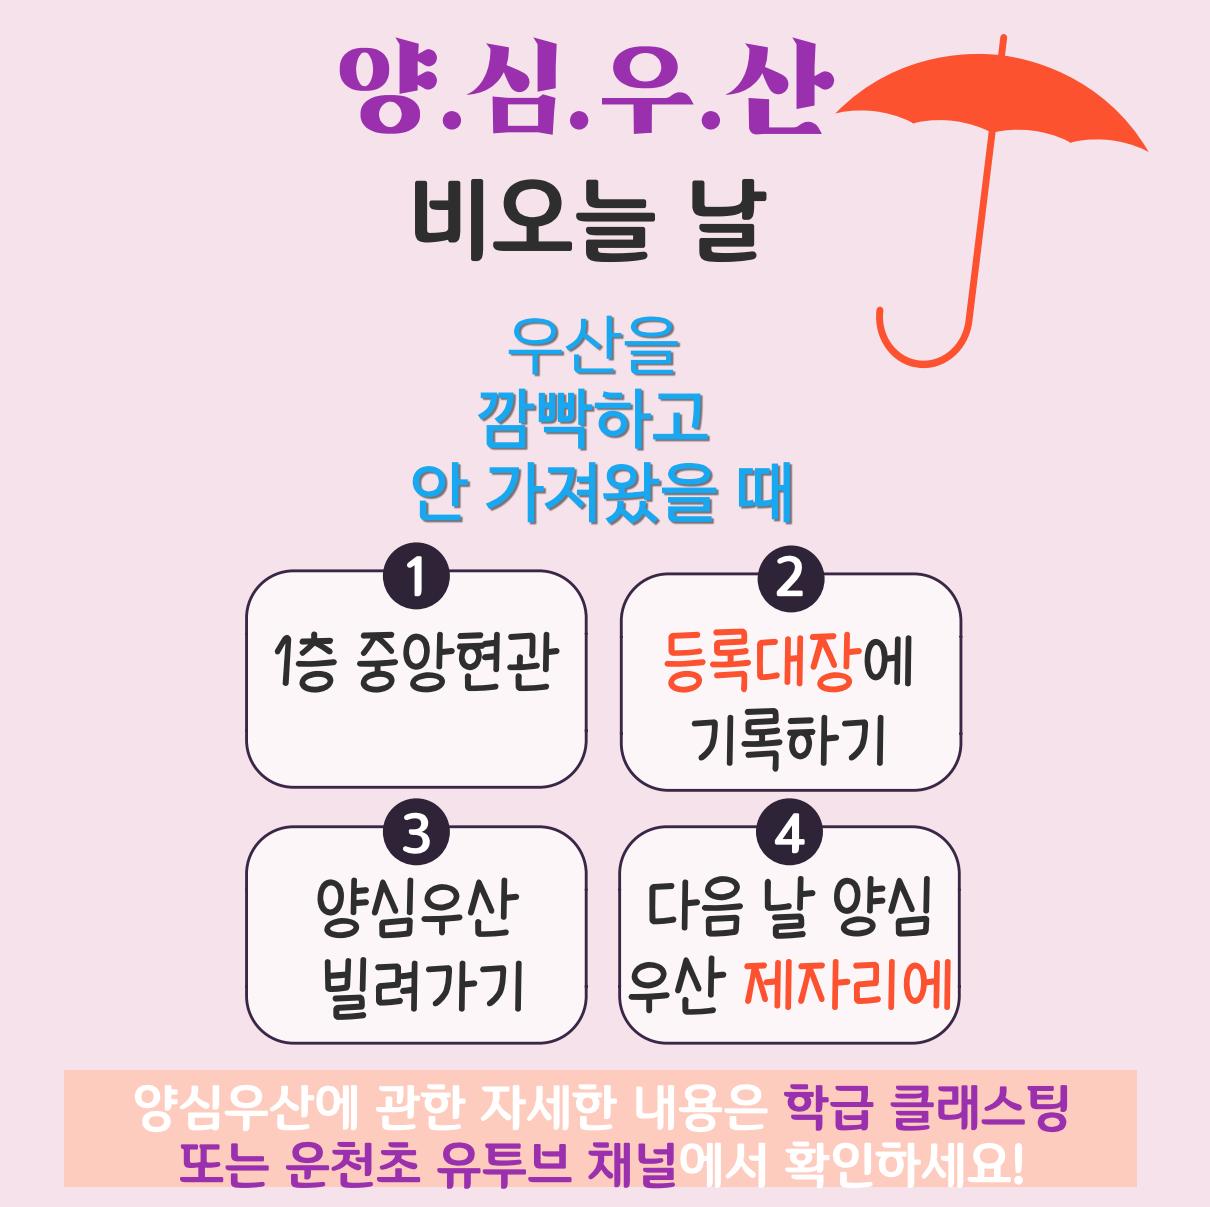 [일반] (5월부터 운영을 시작한)운천초 양심 우산의 첨부이미지 1